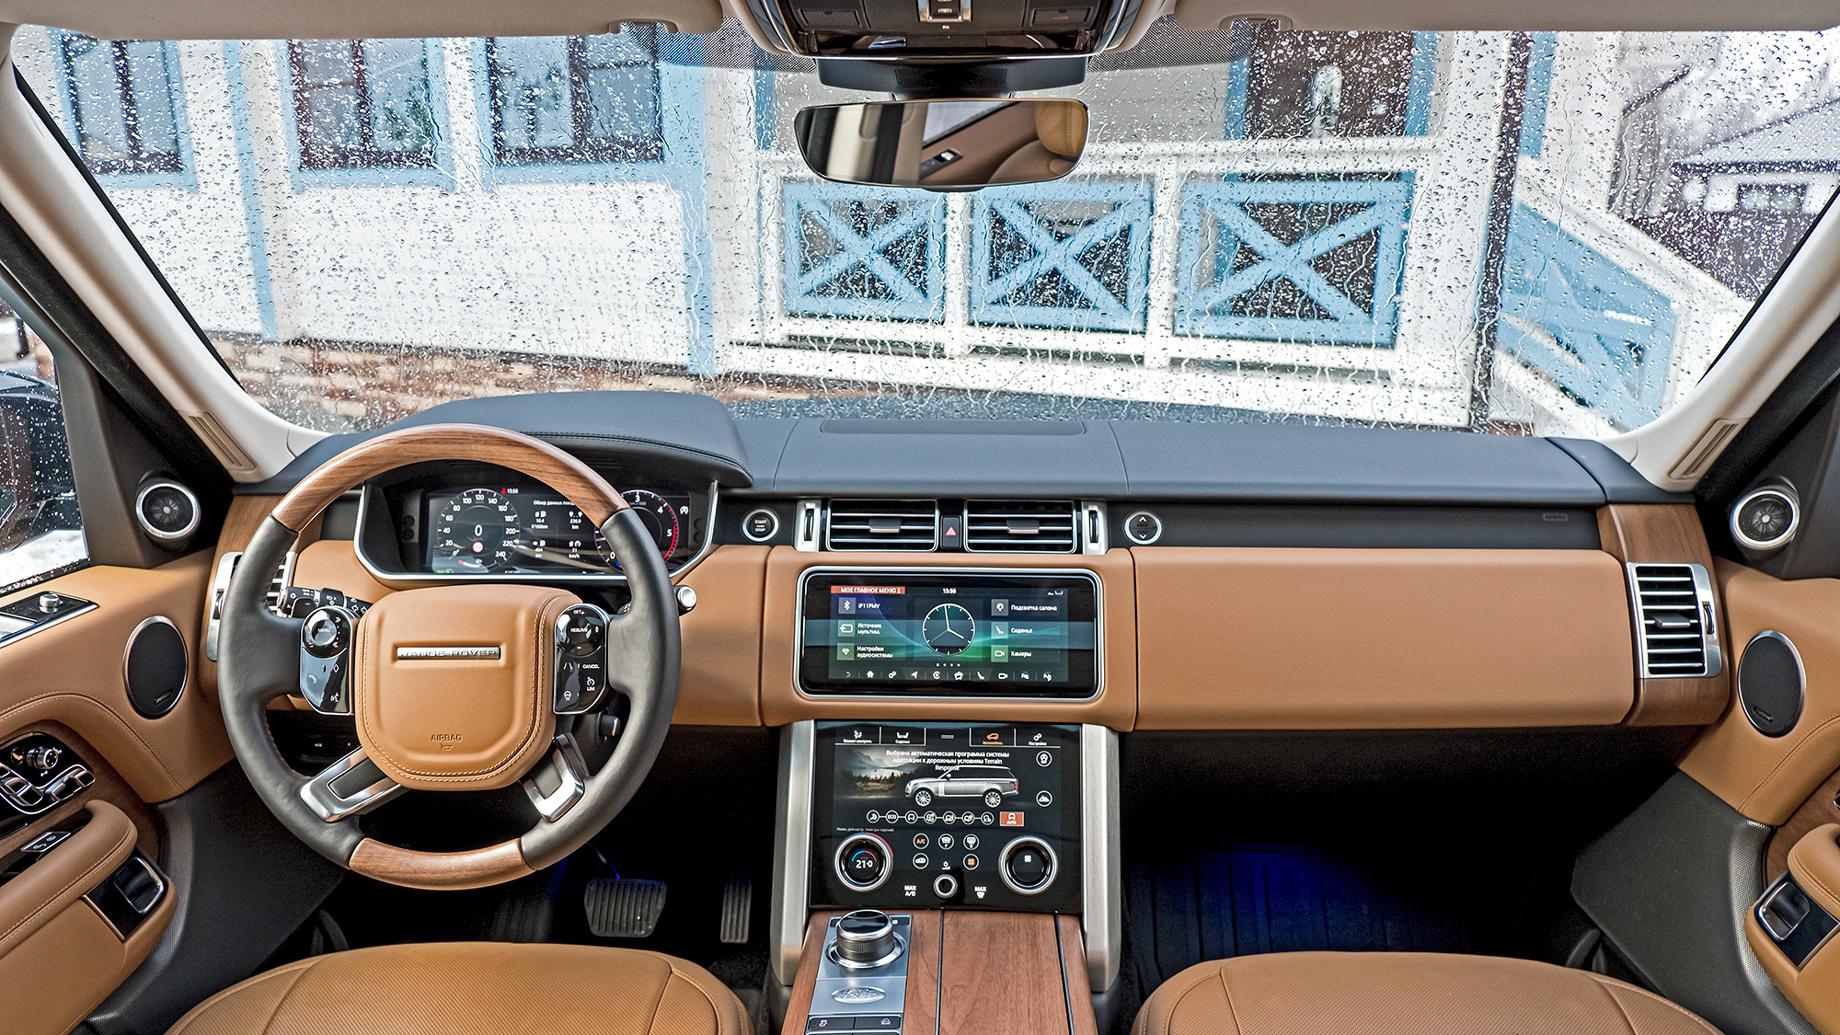 Тест-драйв: Льём солярку в BMW X7, Mercedes-Benz GLS и Range Rover